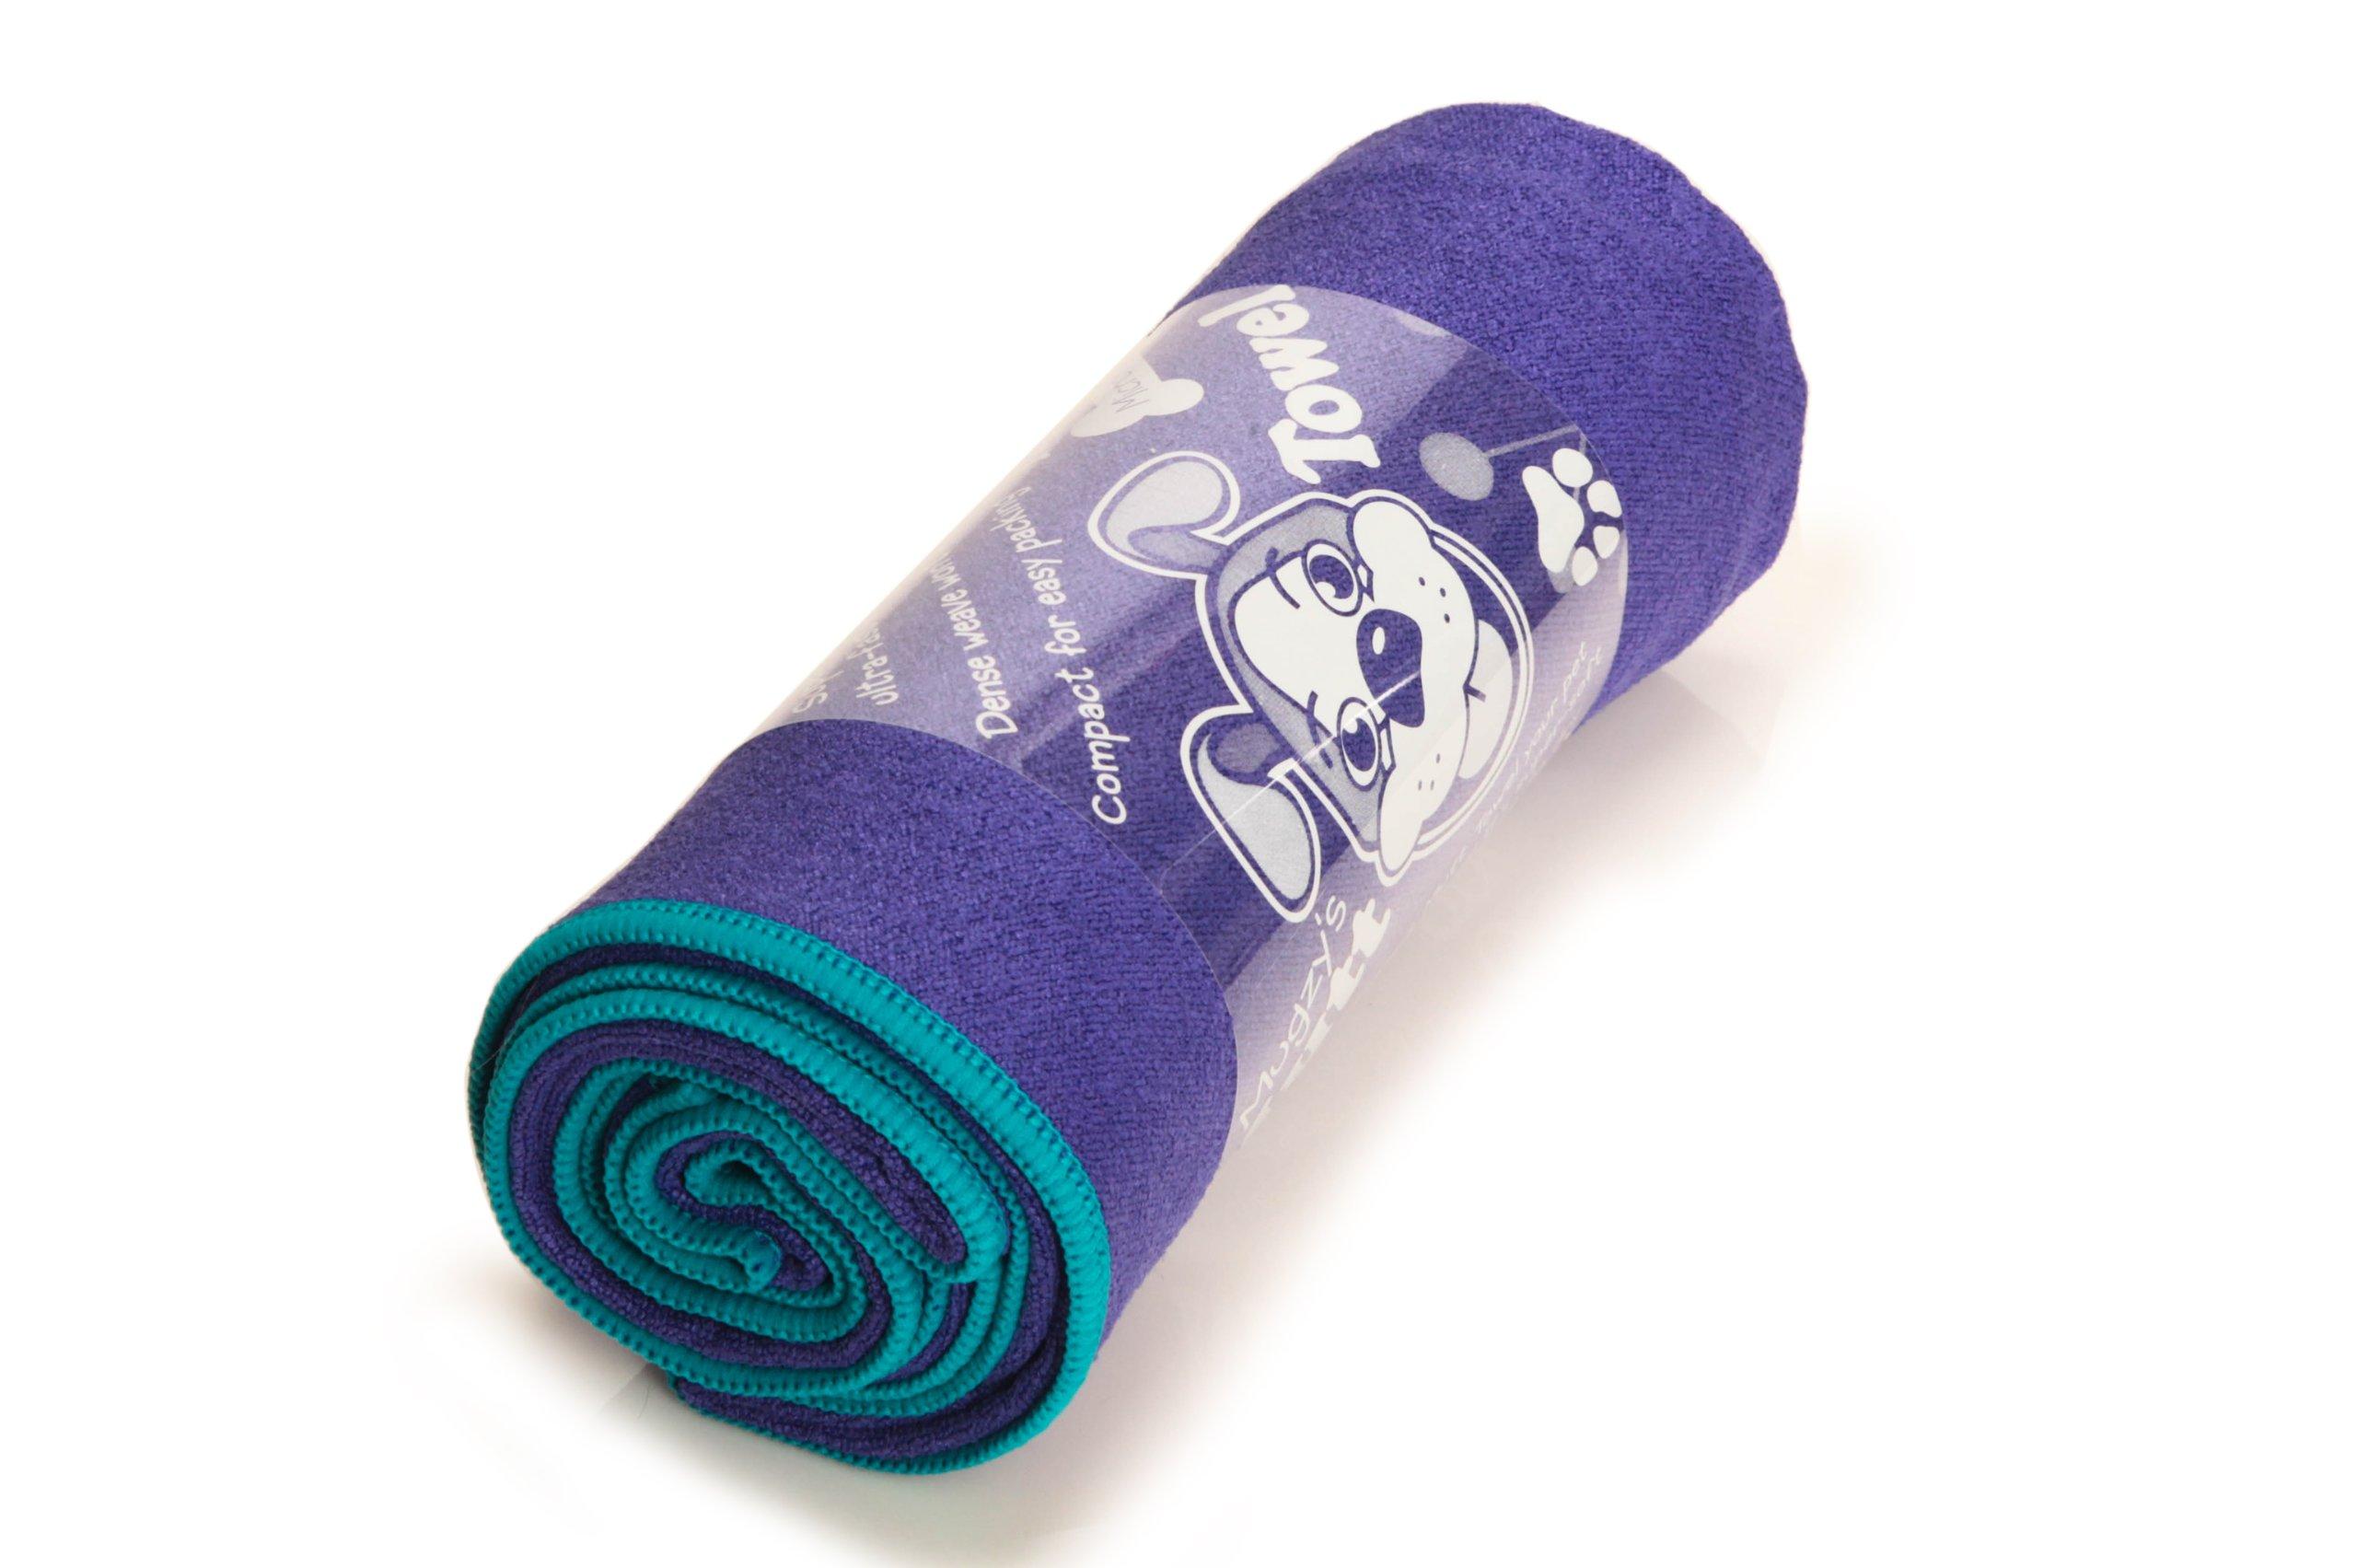 YogaRat Mugzy's Mutt Towel: Awesome 100% Microfiber pet towel attracts but won't trap fur - 28'' x 50''